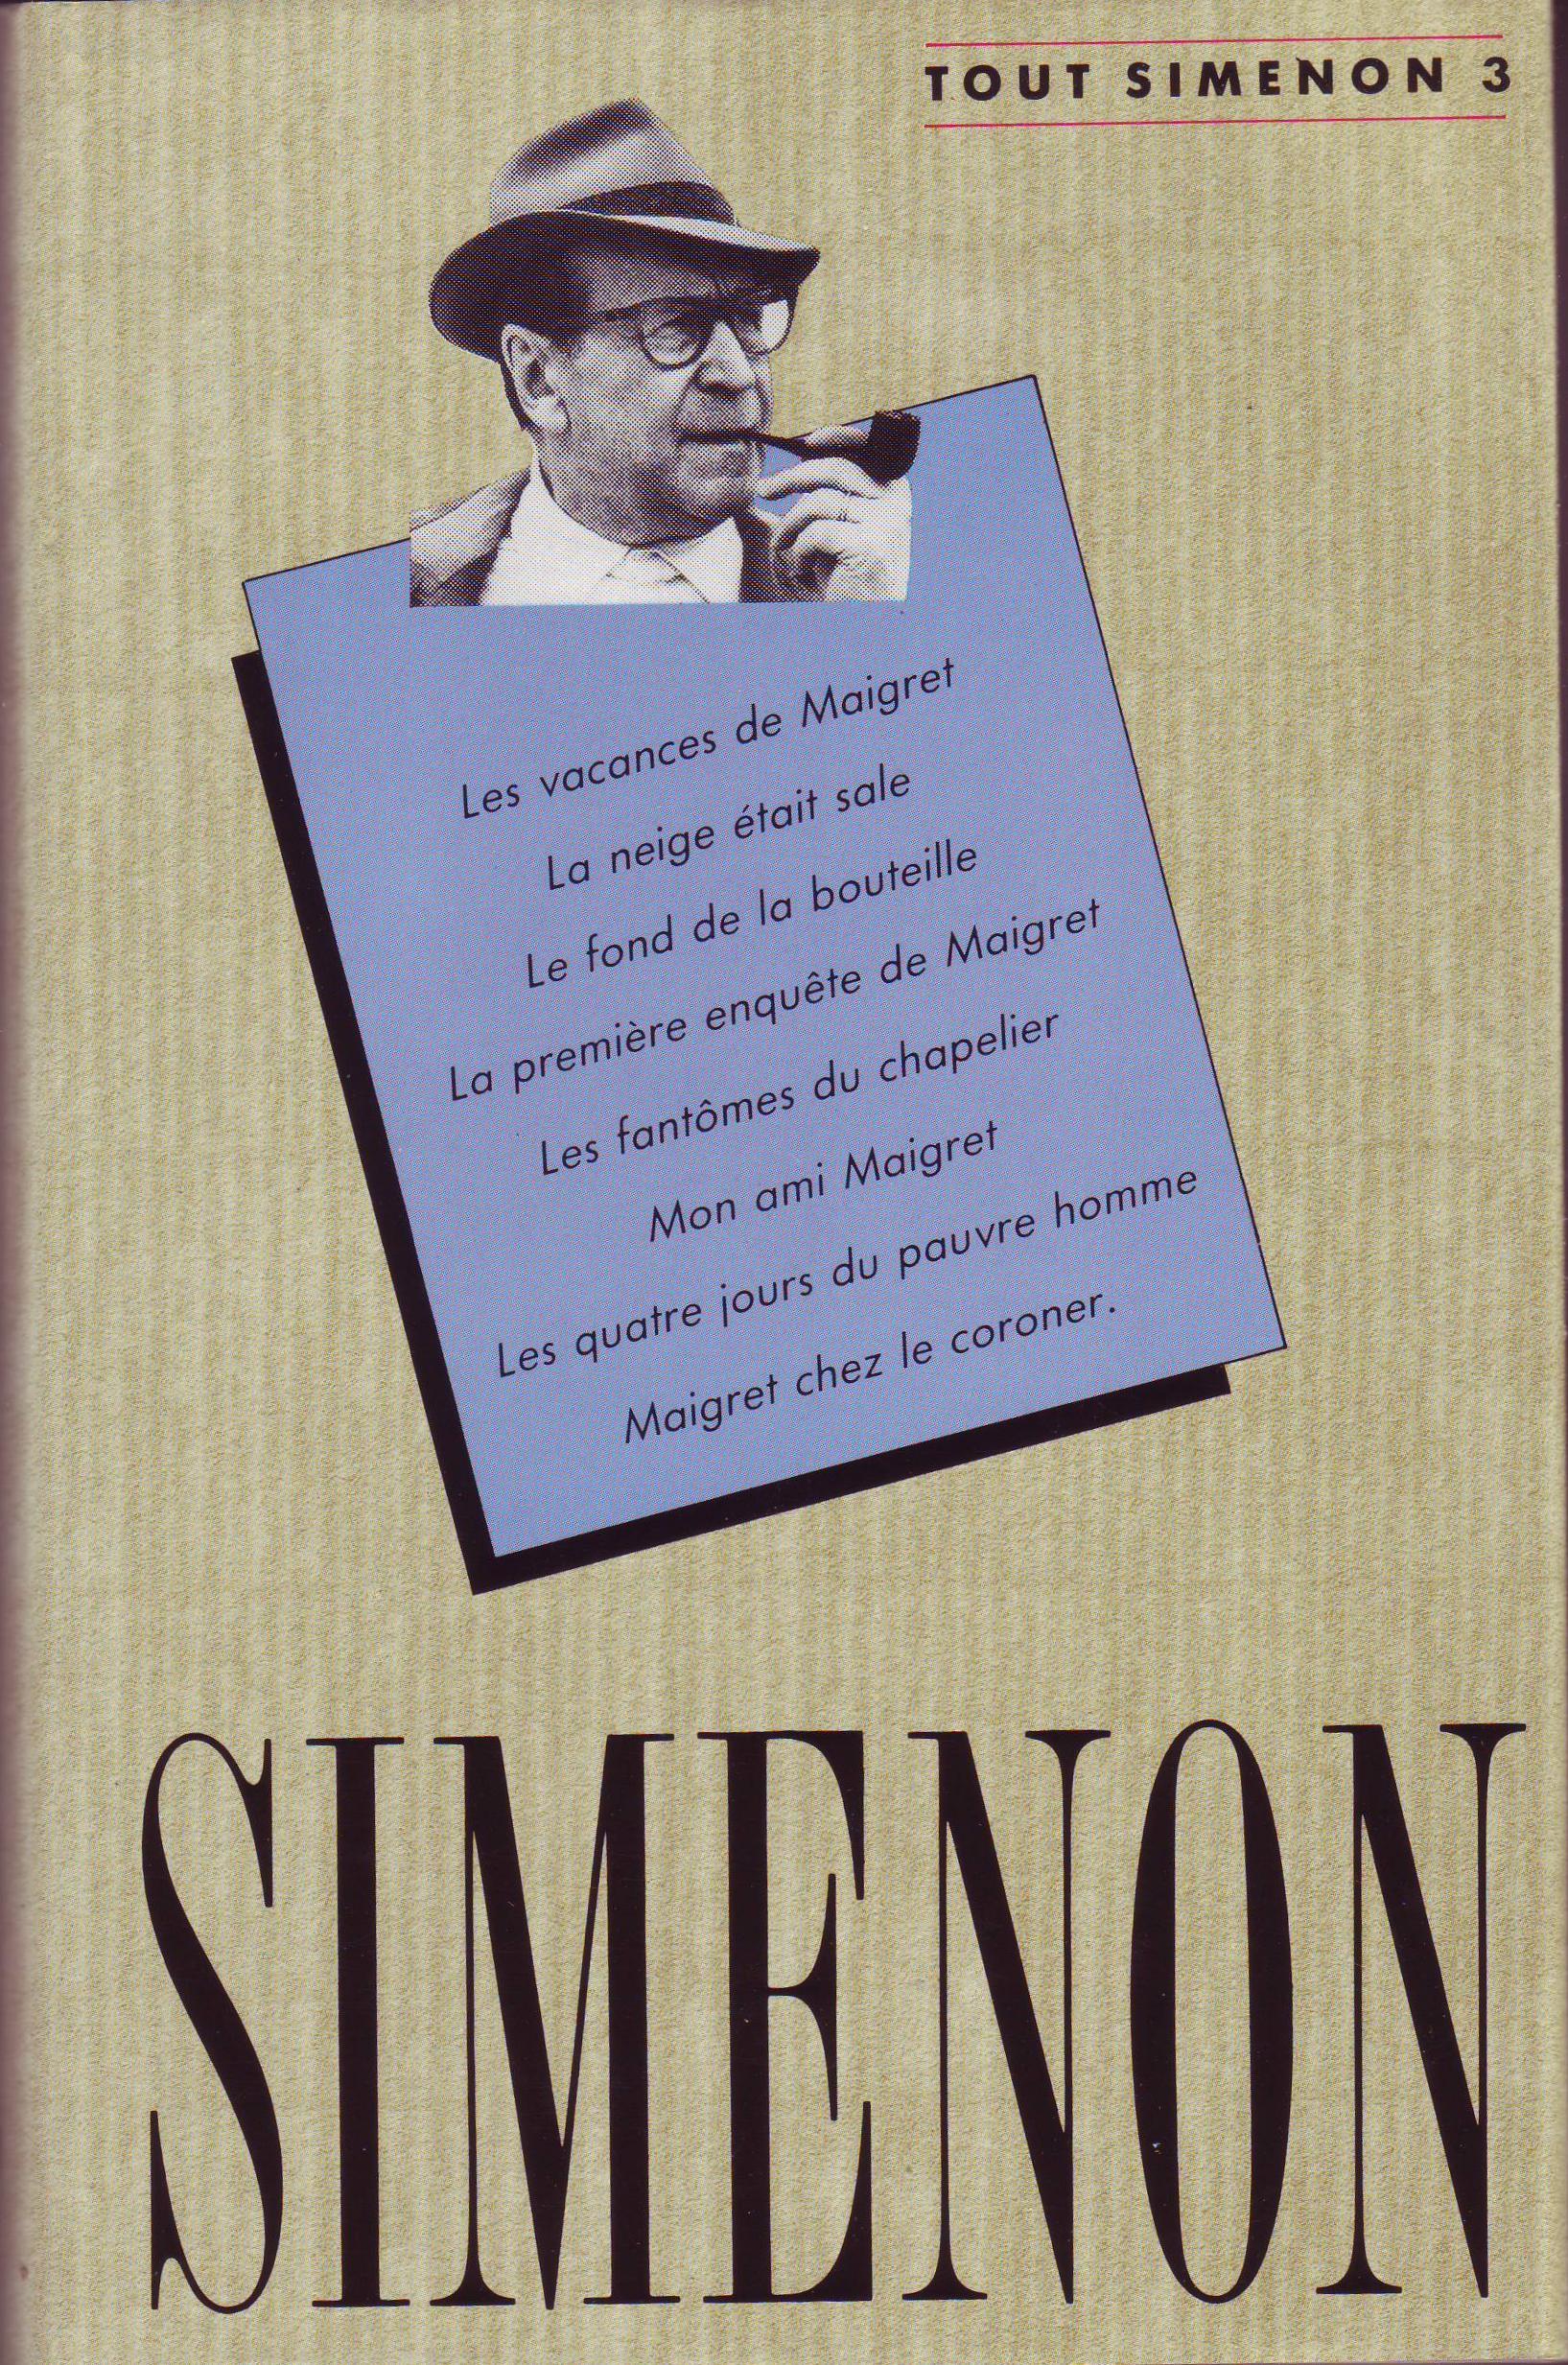 Tout Simenon - Vol. 3